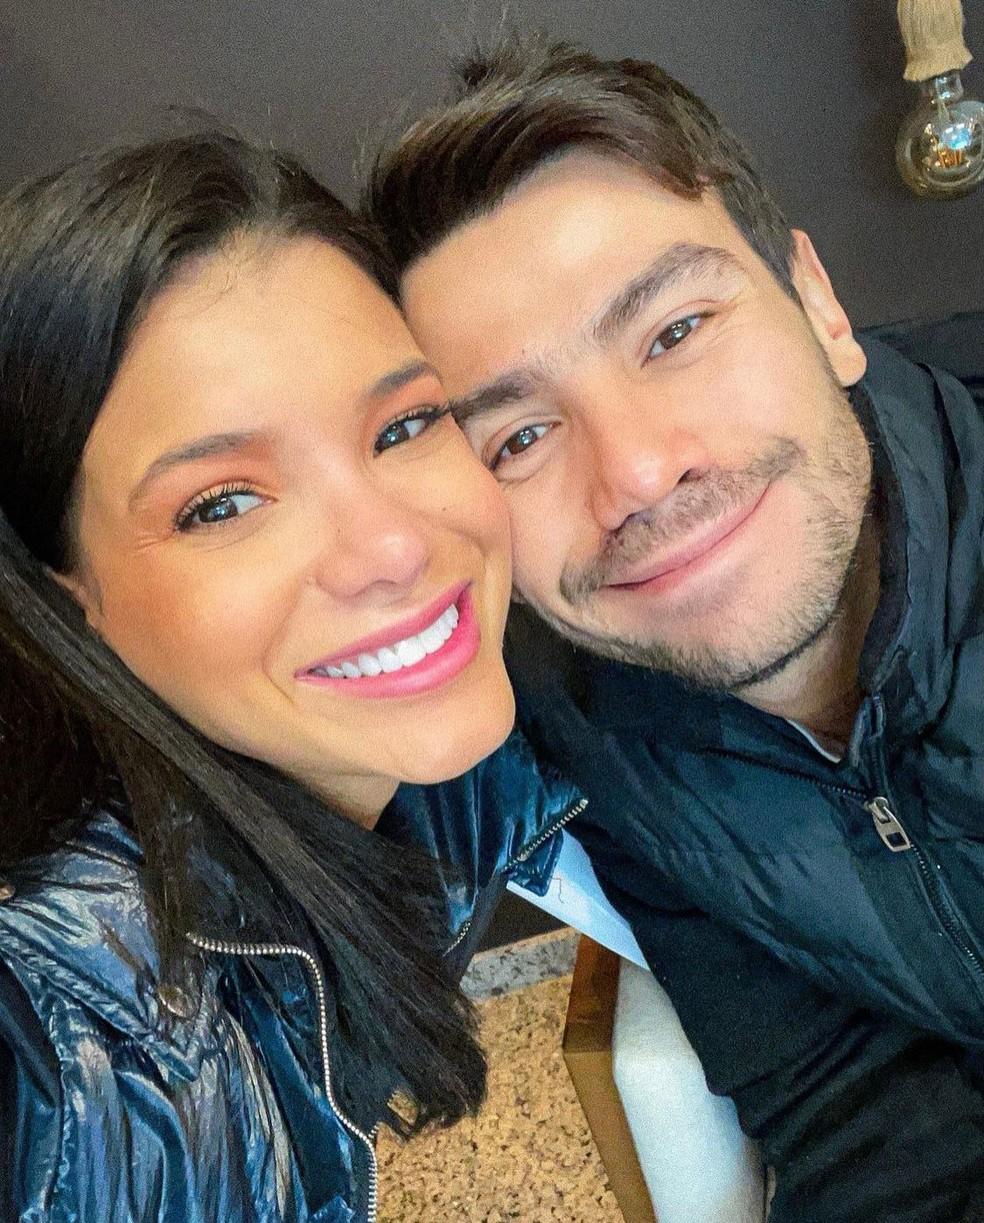 Jakelyne Oliveira e Mariano estão juntos há um ano — Foto: Reprodução/Instagram